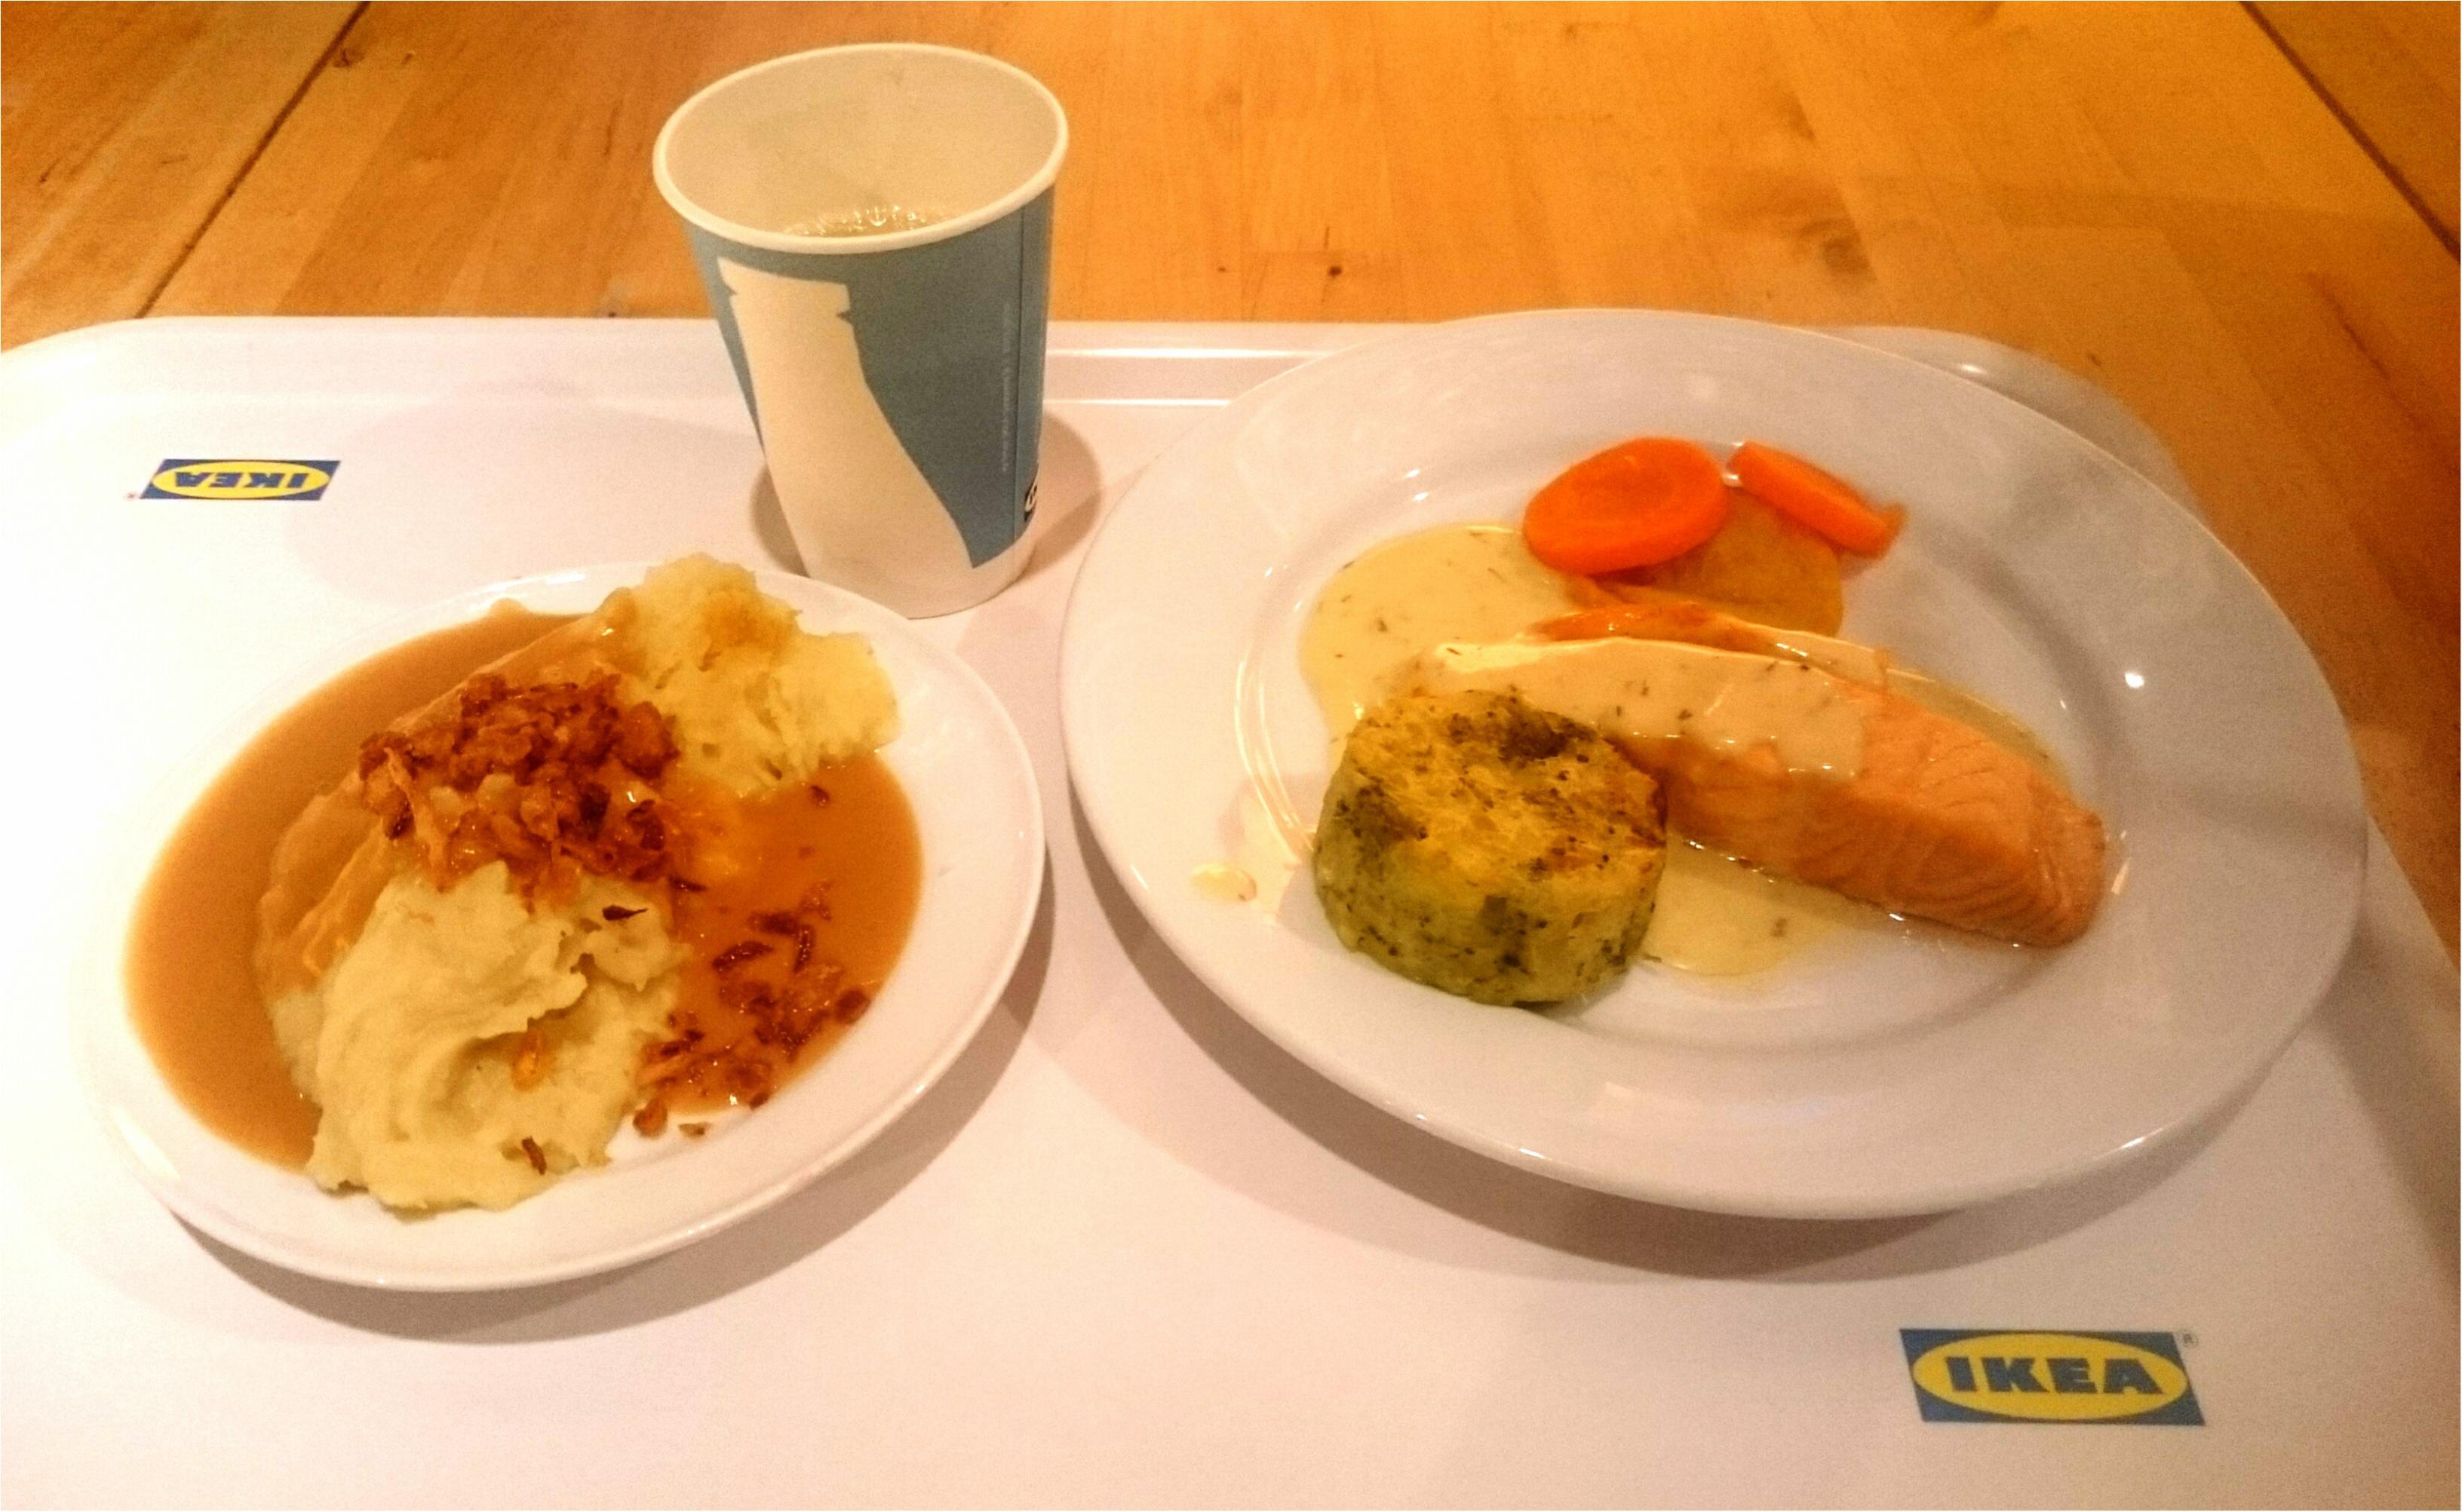 IKEAレストランのサーモンフェア。本当に食べる価値ありなのは定番の◯◯!_1